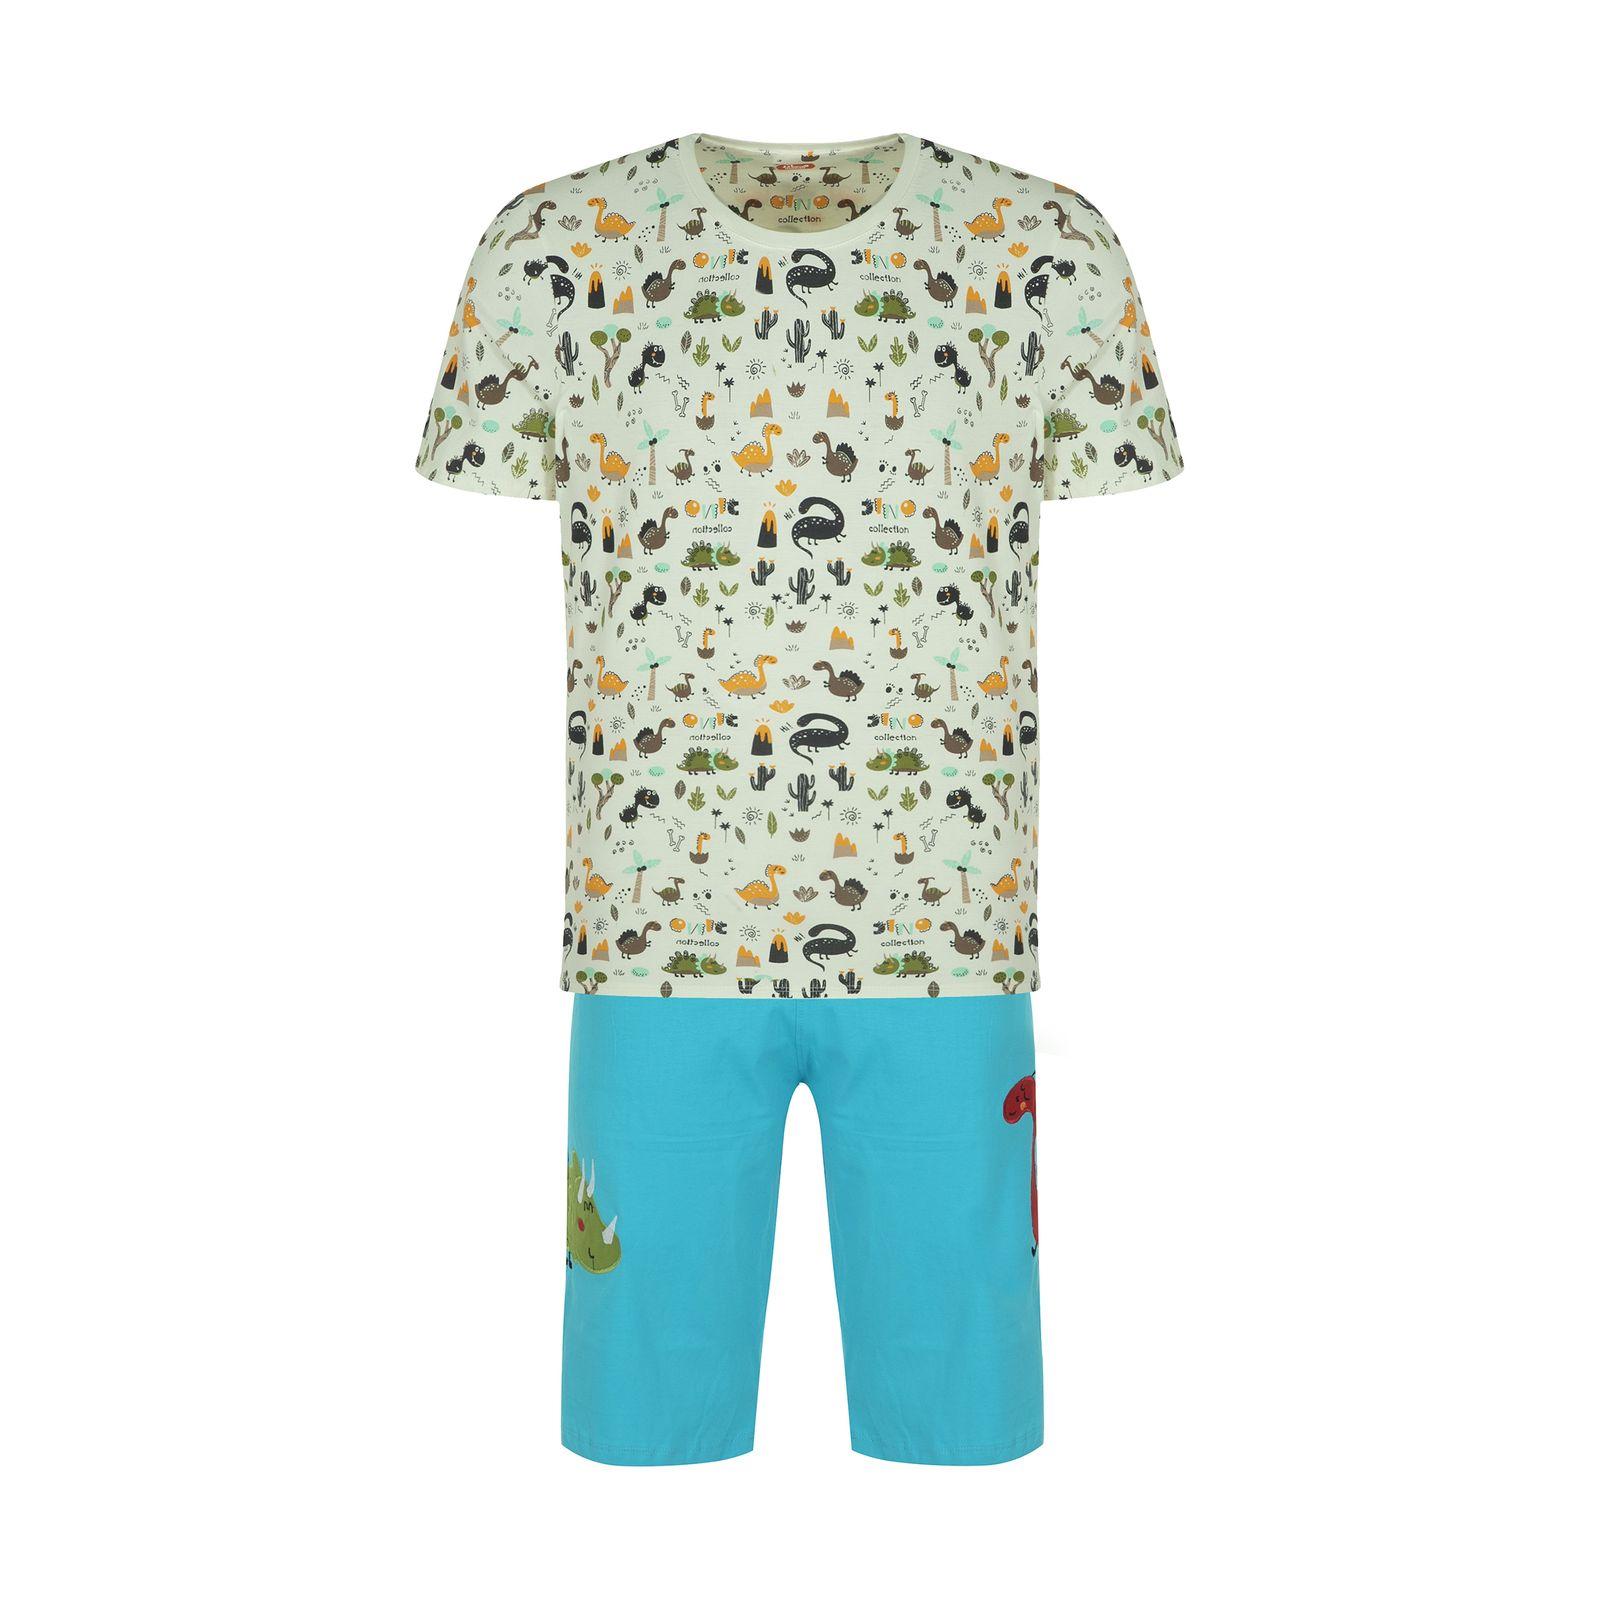 ست تی شرت و شلوارک راحتی مردانه مادر مدل 2041110-52 -  - 2